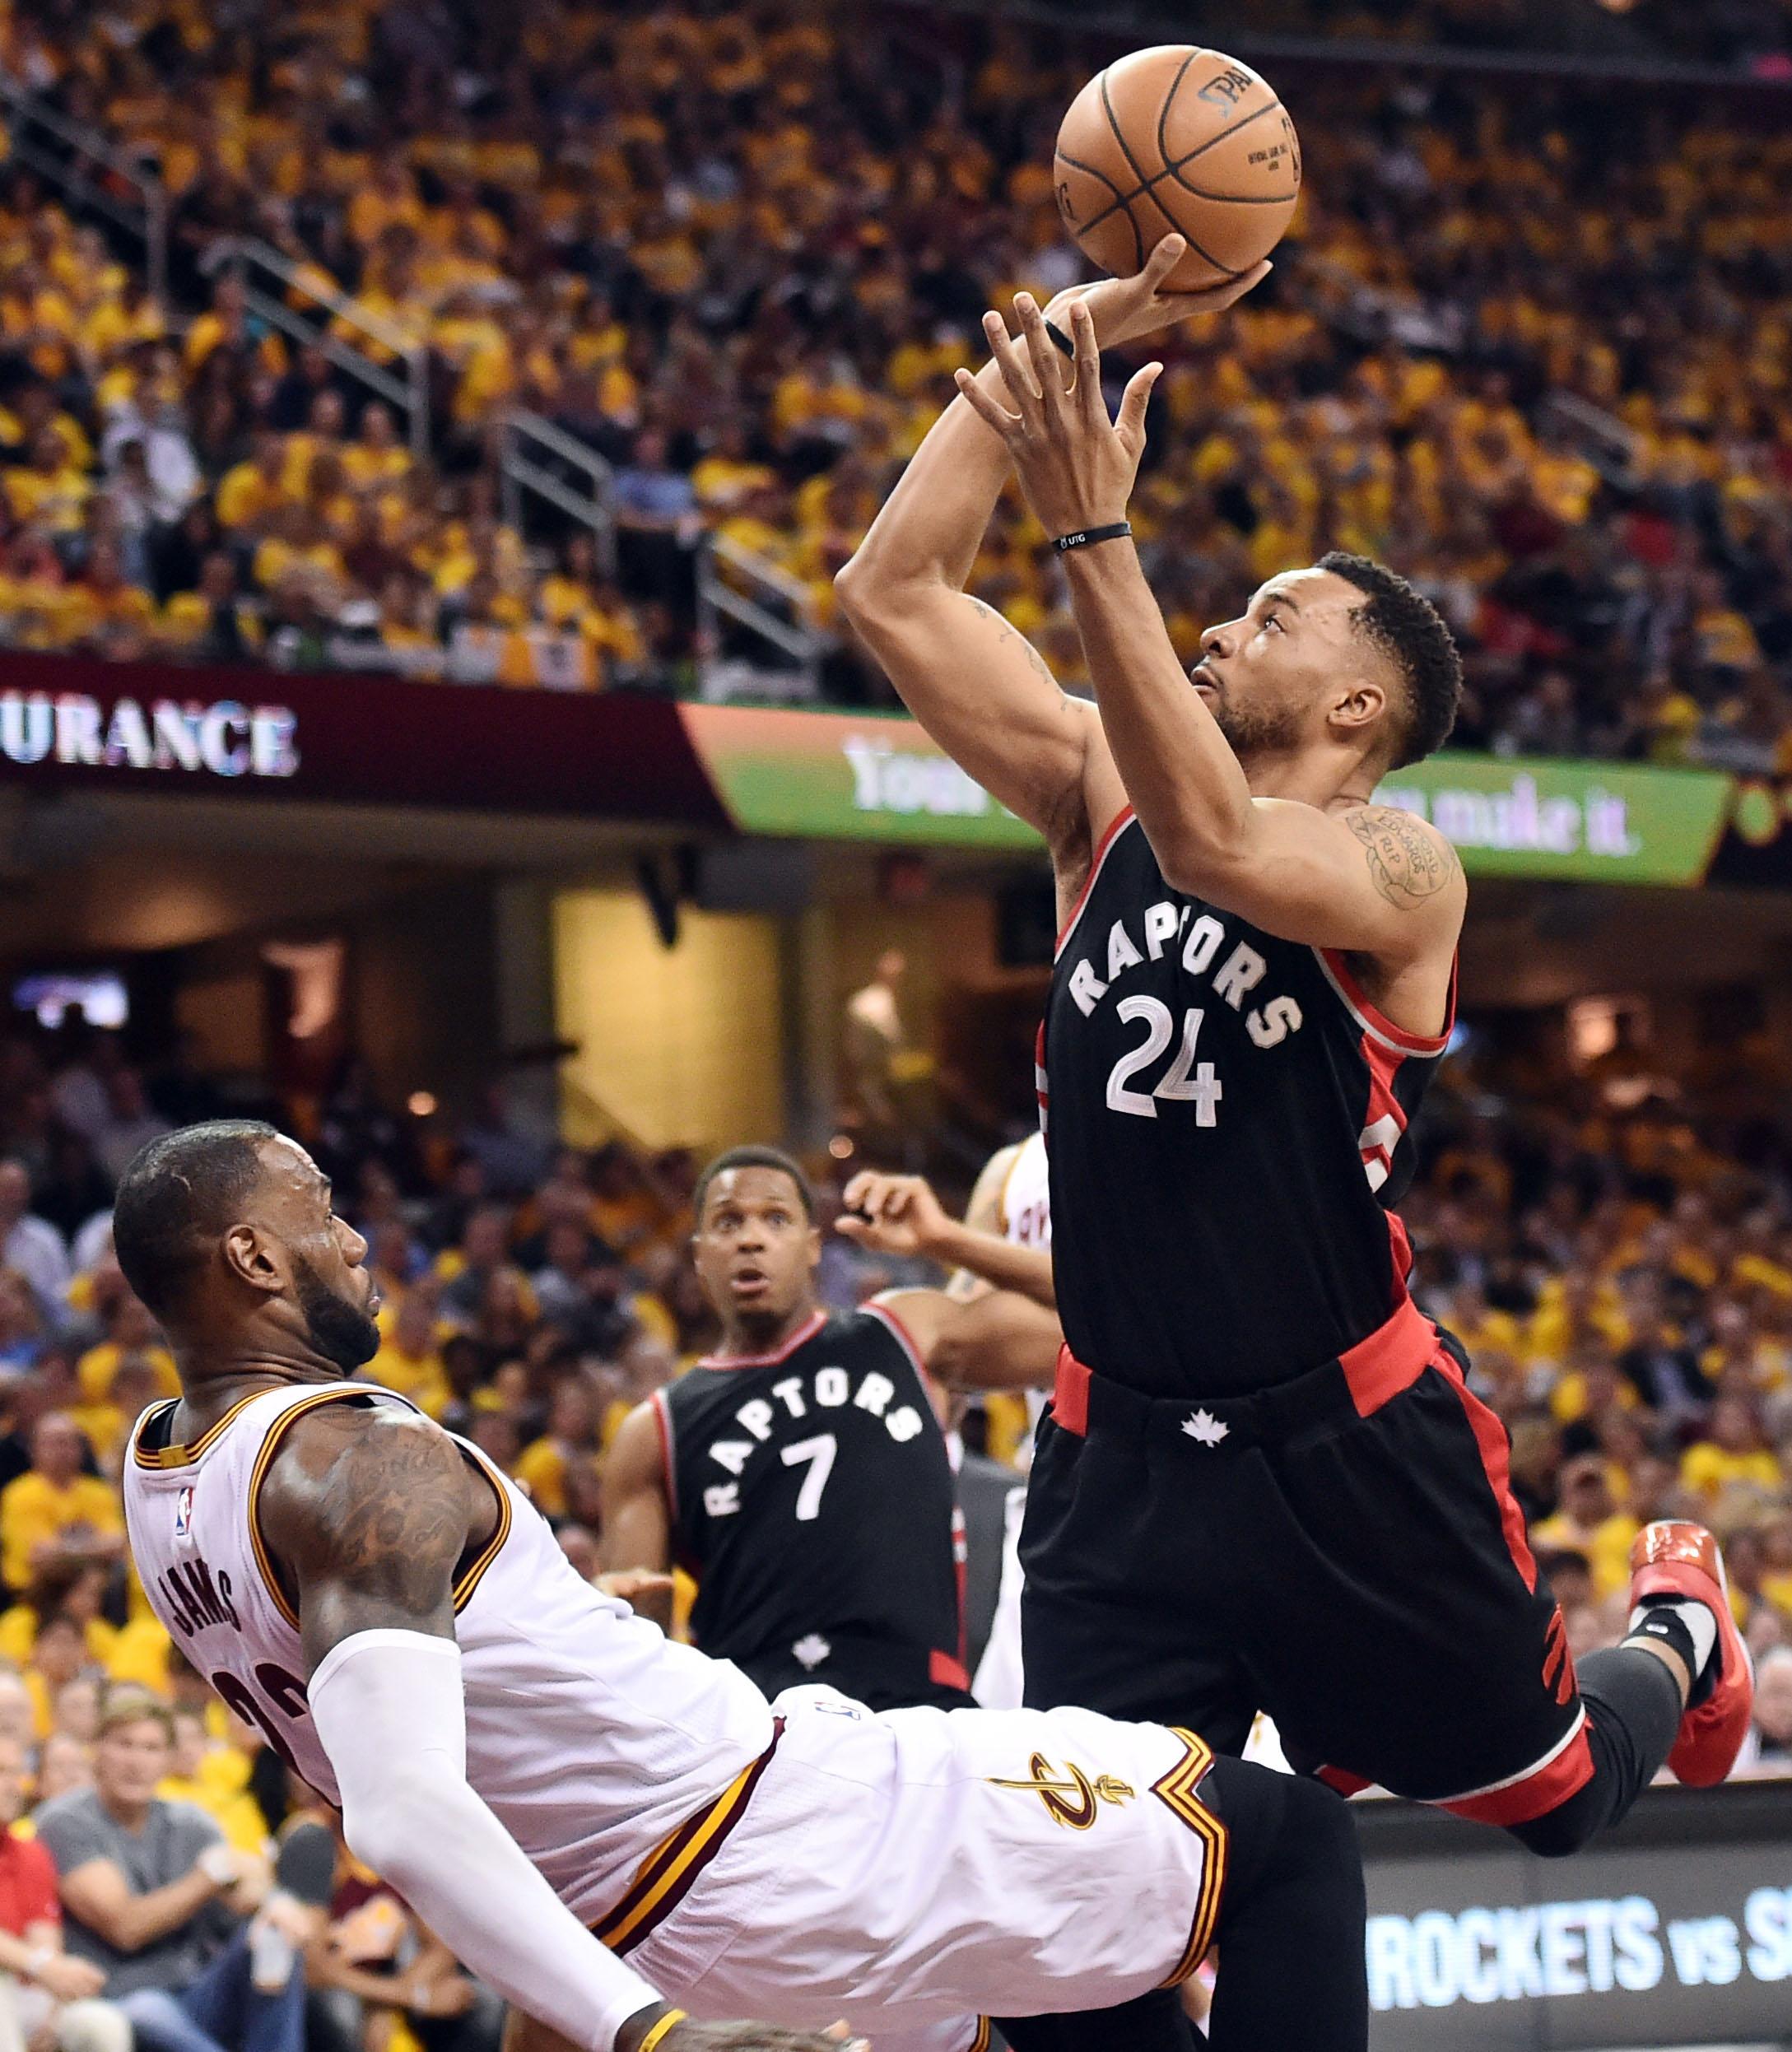 2017 NBA Playoffs Roundup, Day 16: Rockets Fire Away